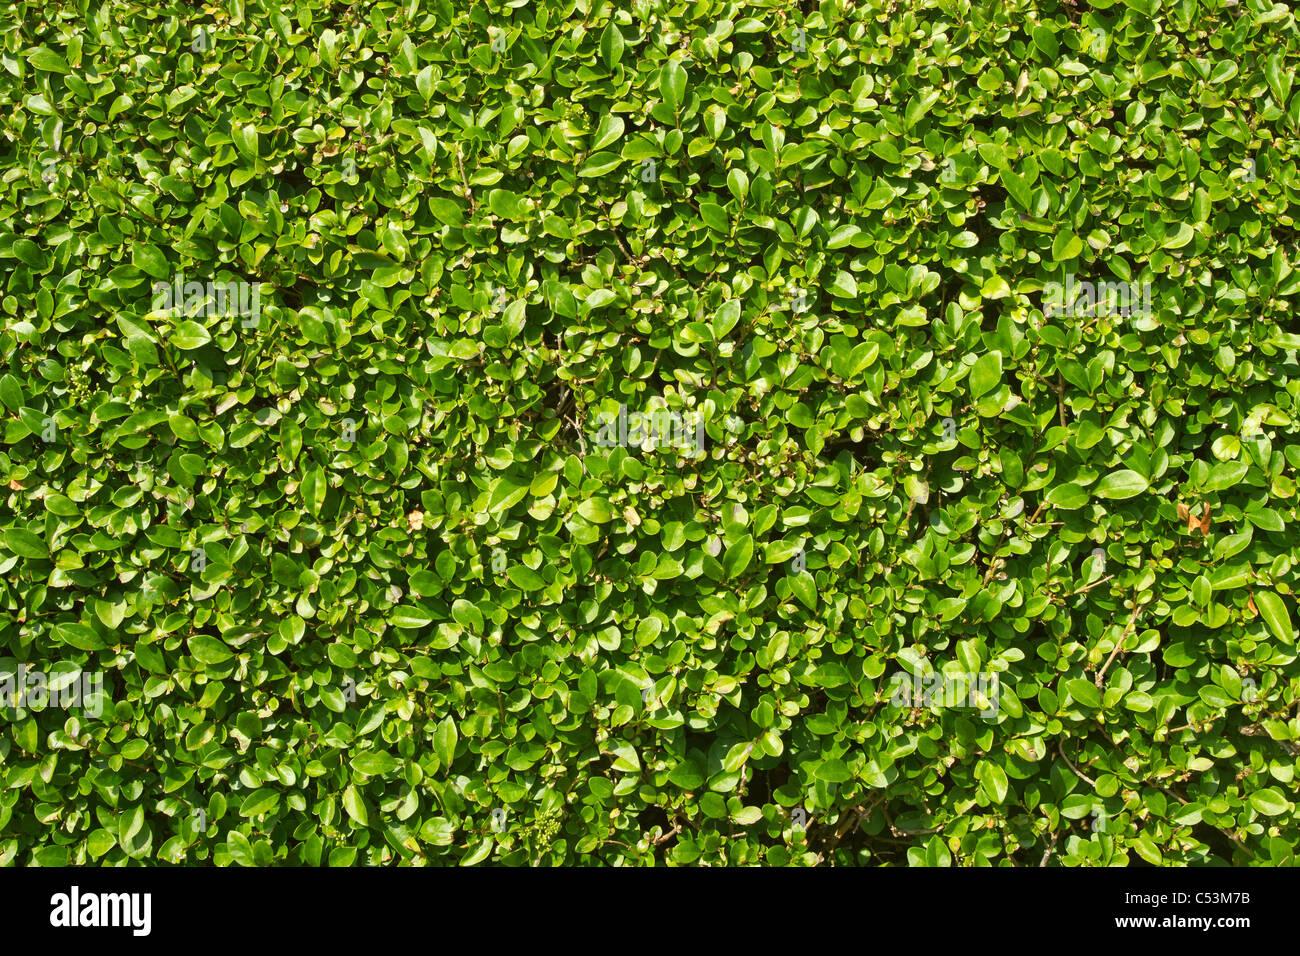 Un perfettamente rifilati siepe giardino verde lascia vicino. Immagini Stock